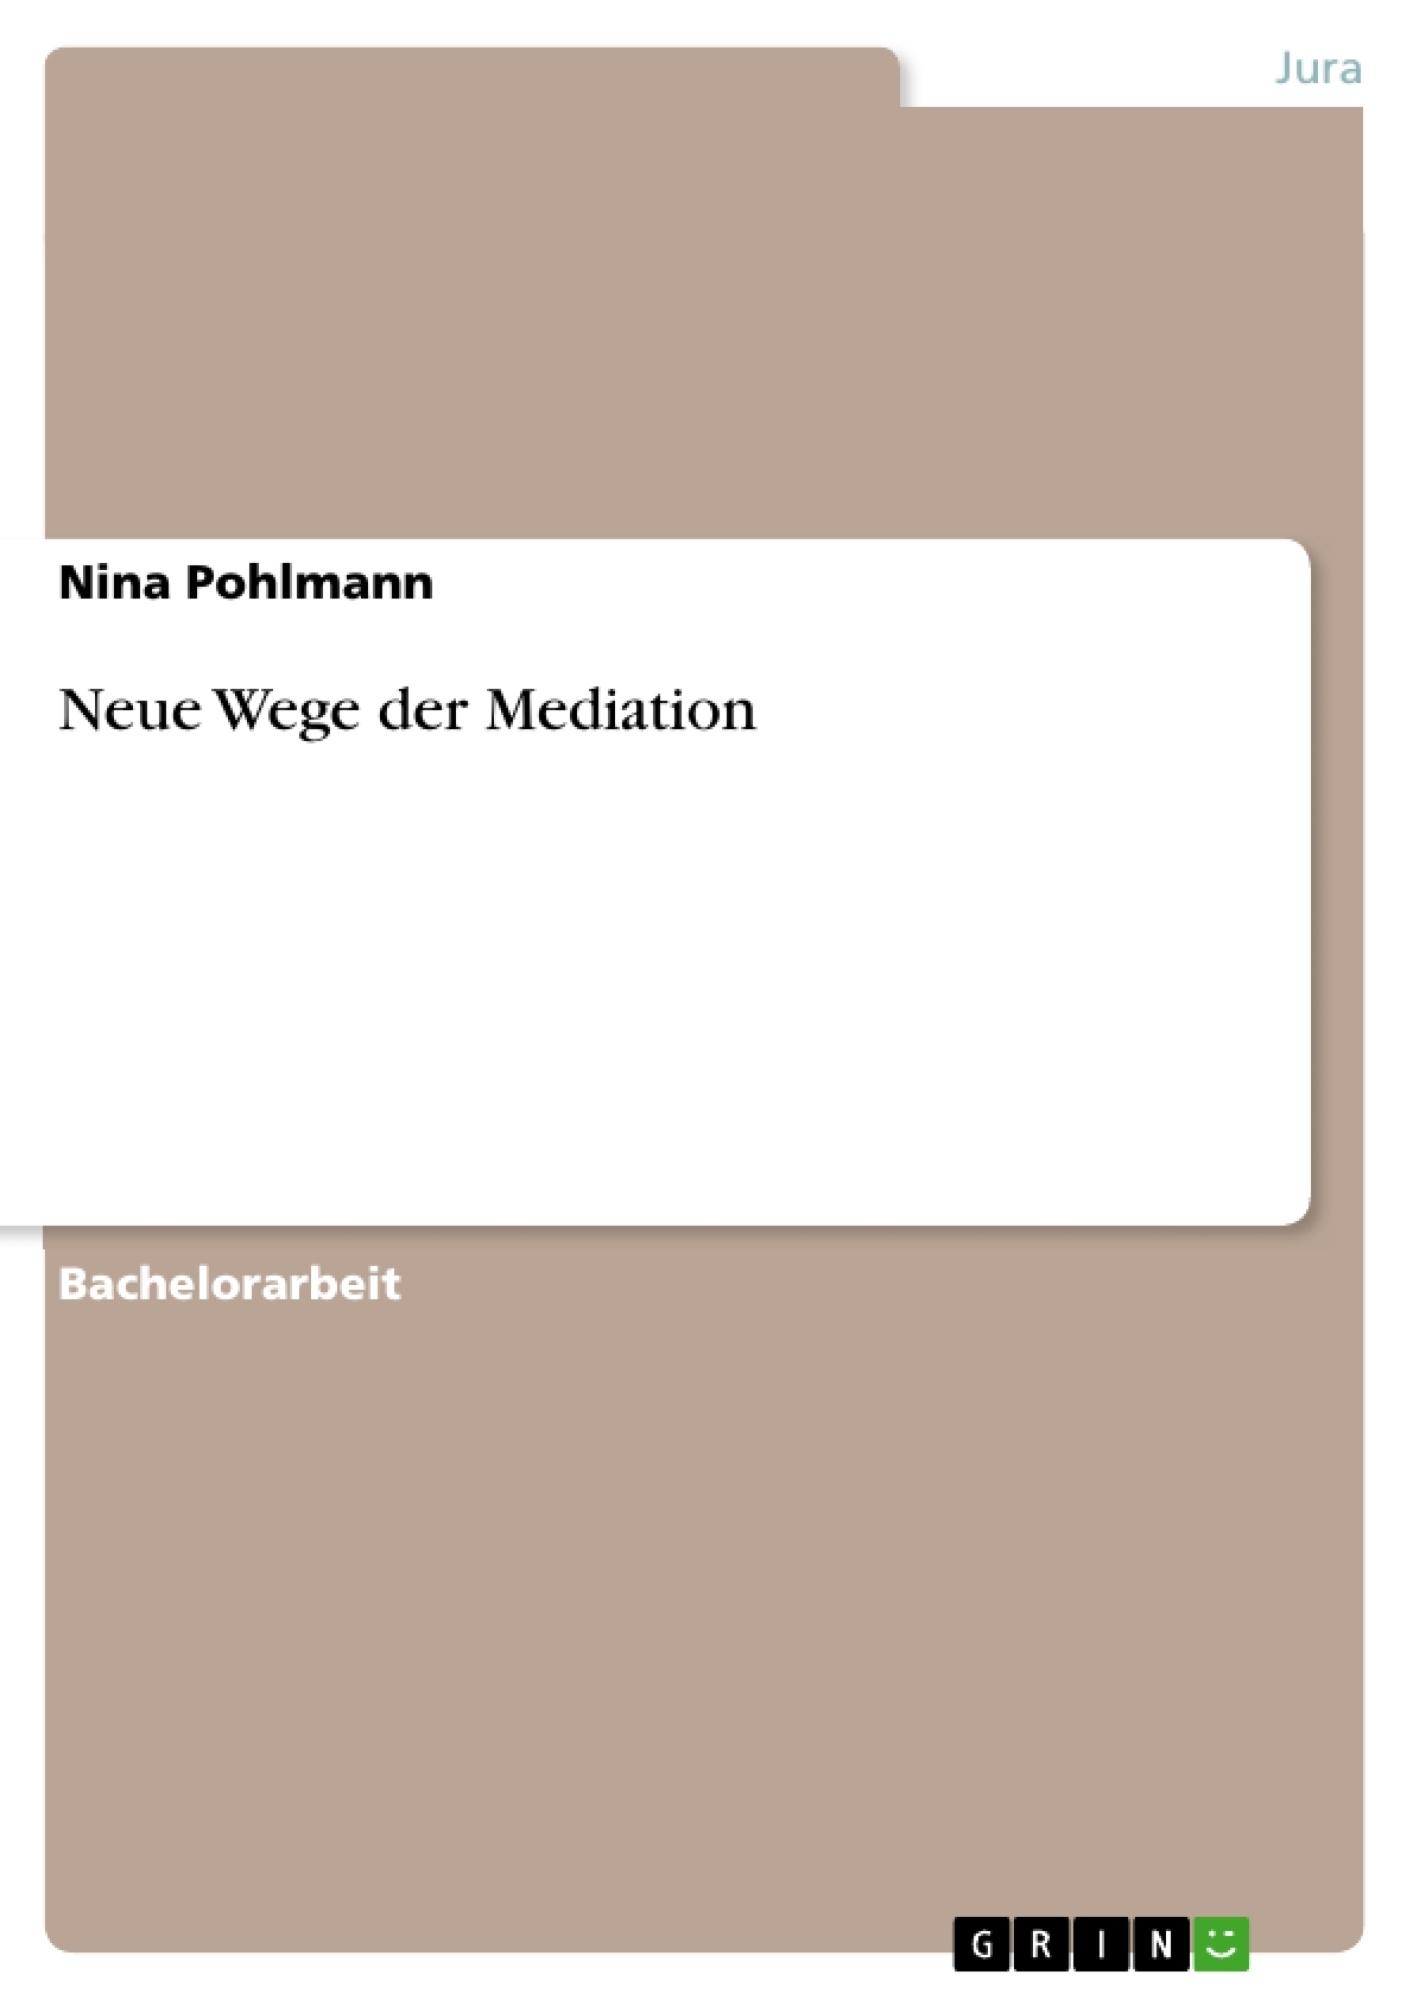 Titel: Neue Wege der Mediation